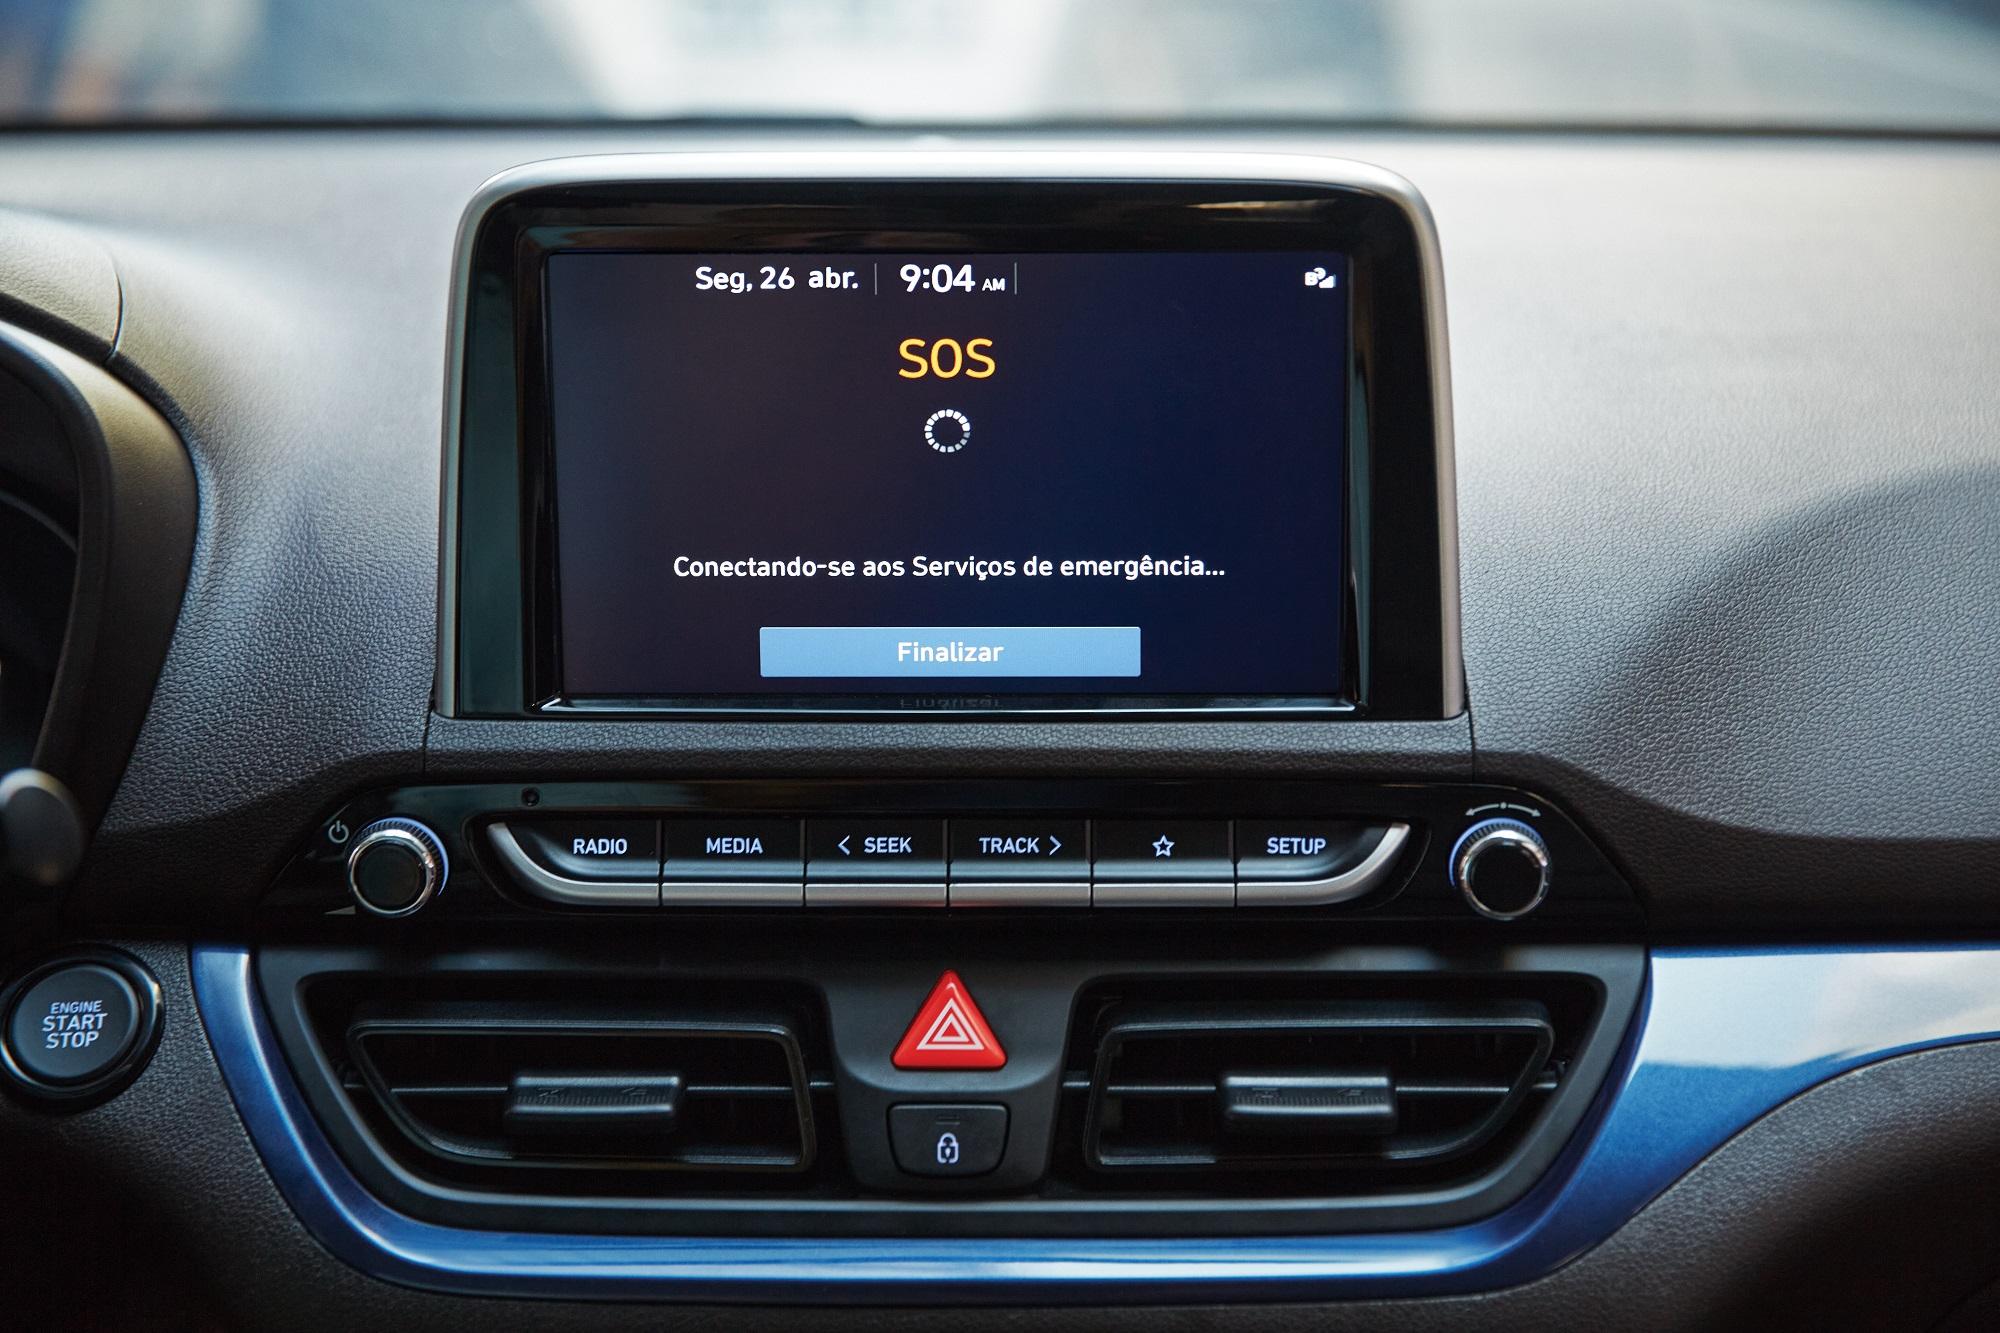 No caso de acionamento dos airbags, um operador da Hyundai pode enviar o pedido de socorro detalhado às autoridades, enquanto tenta contactar os ocupantes do carro